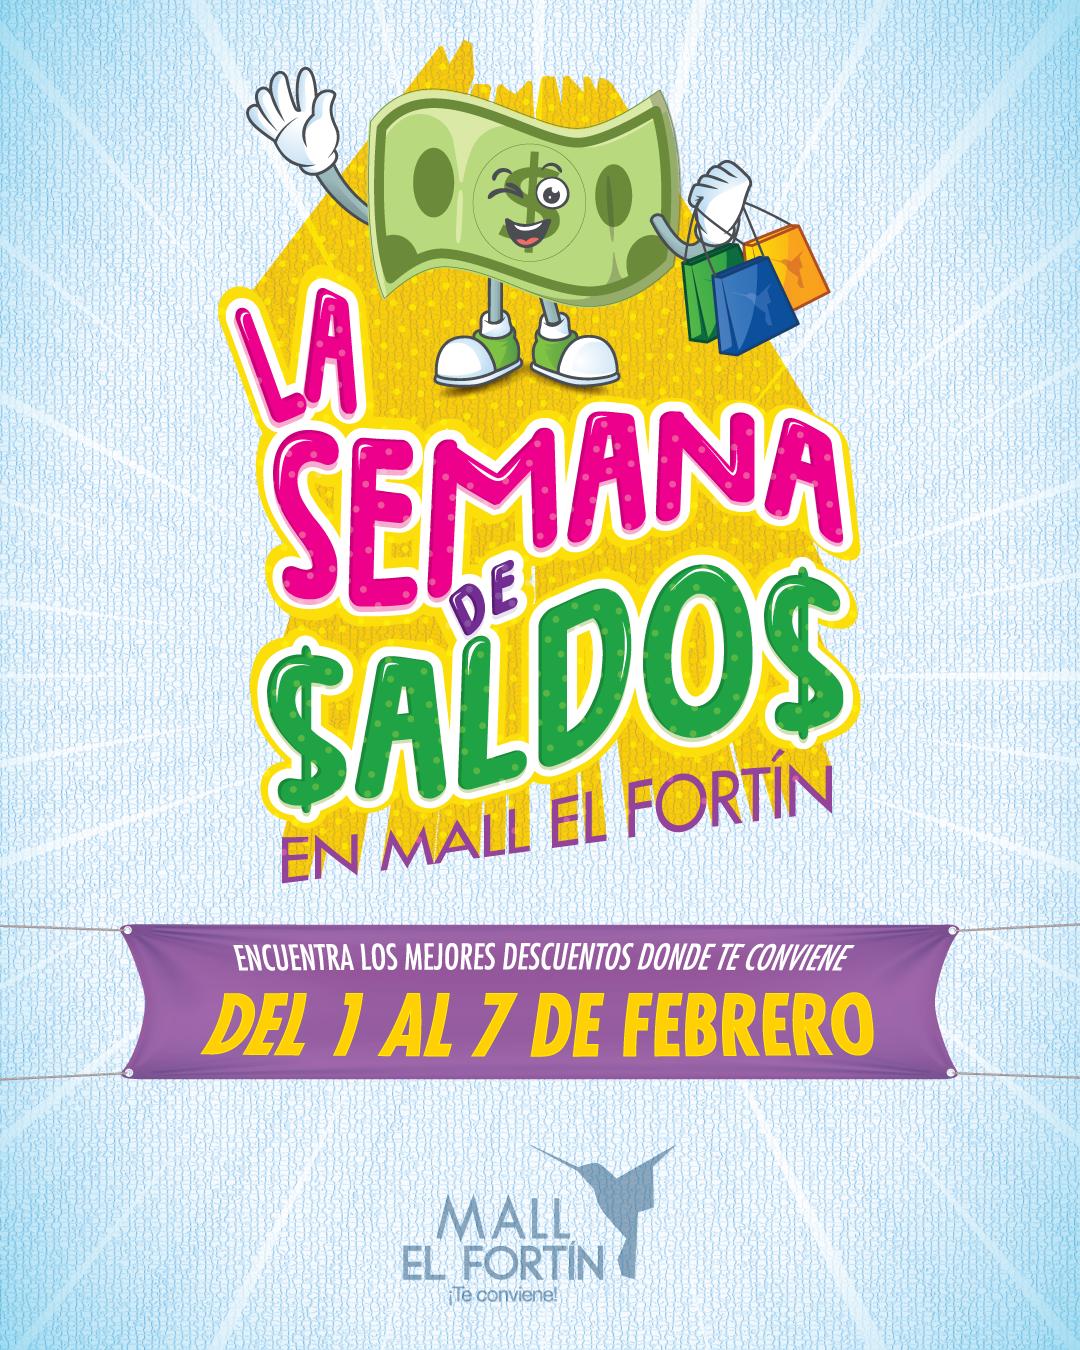 LA SEMANA DE SALDOS DESDE EL 1/2/2021 HASTA EL 7/2/2021